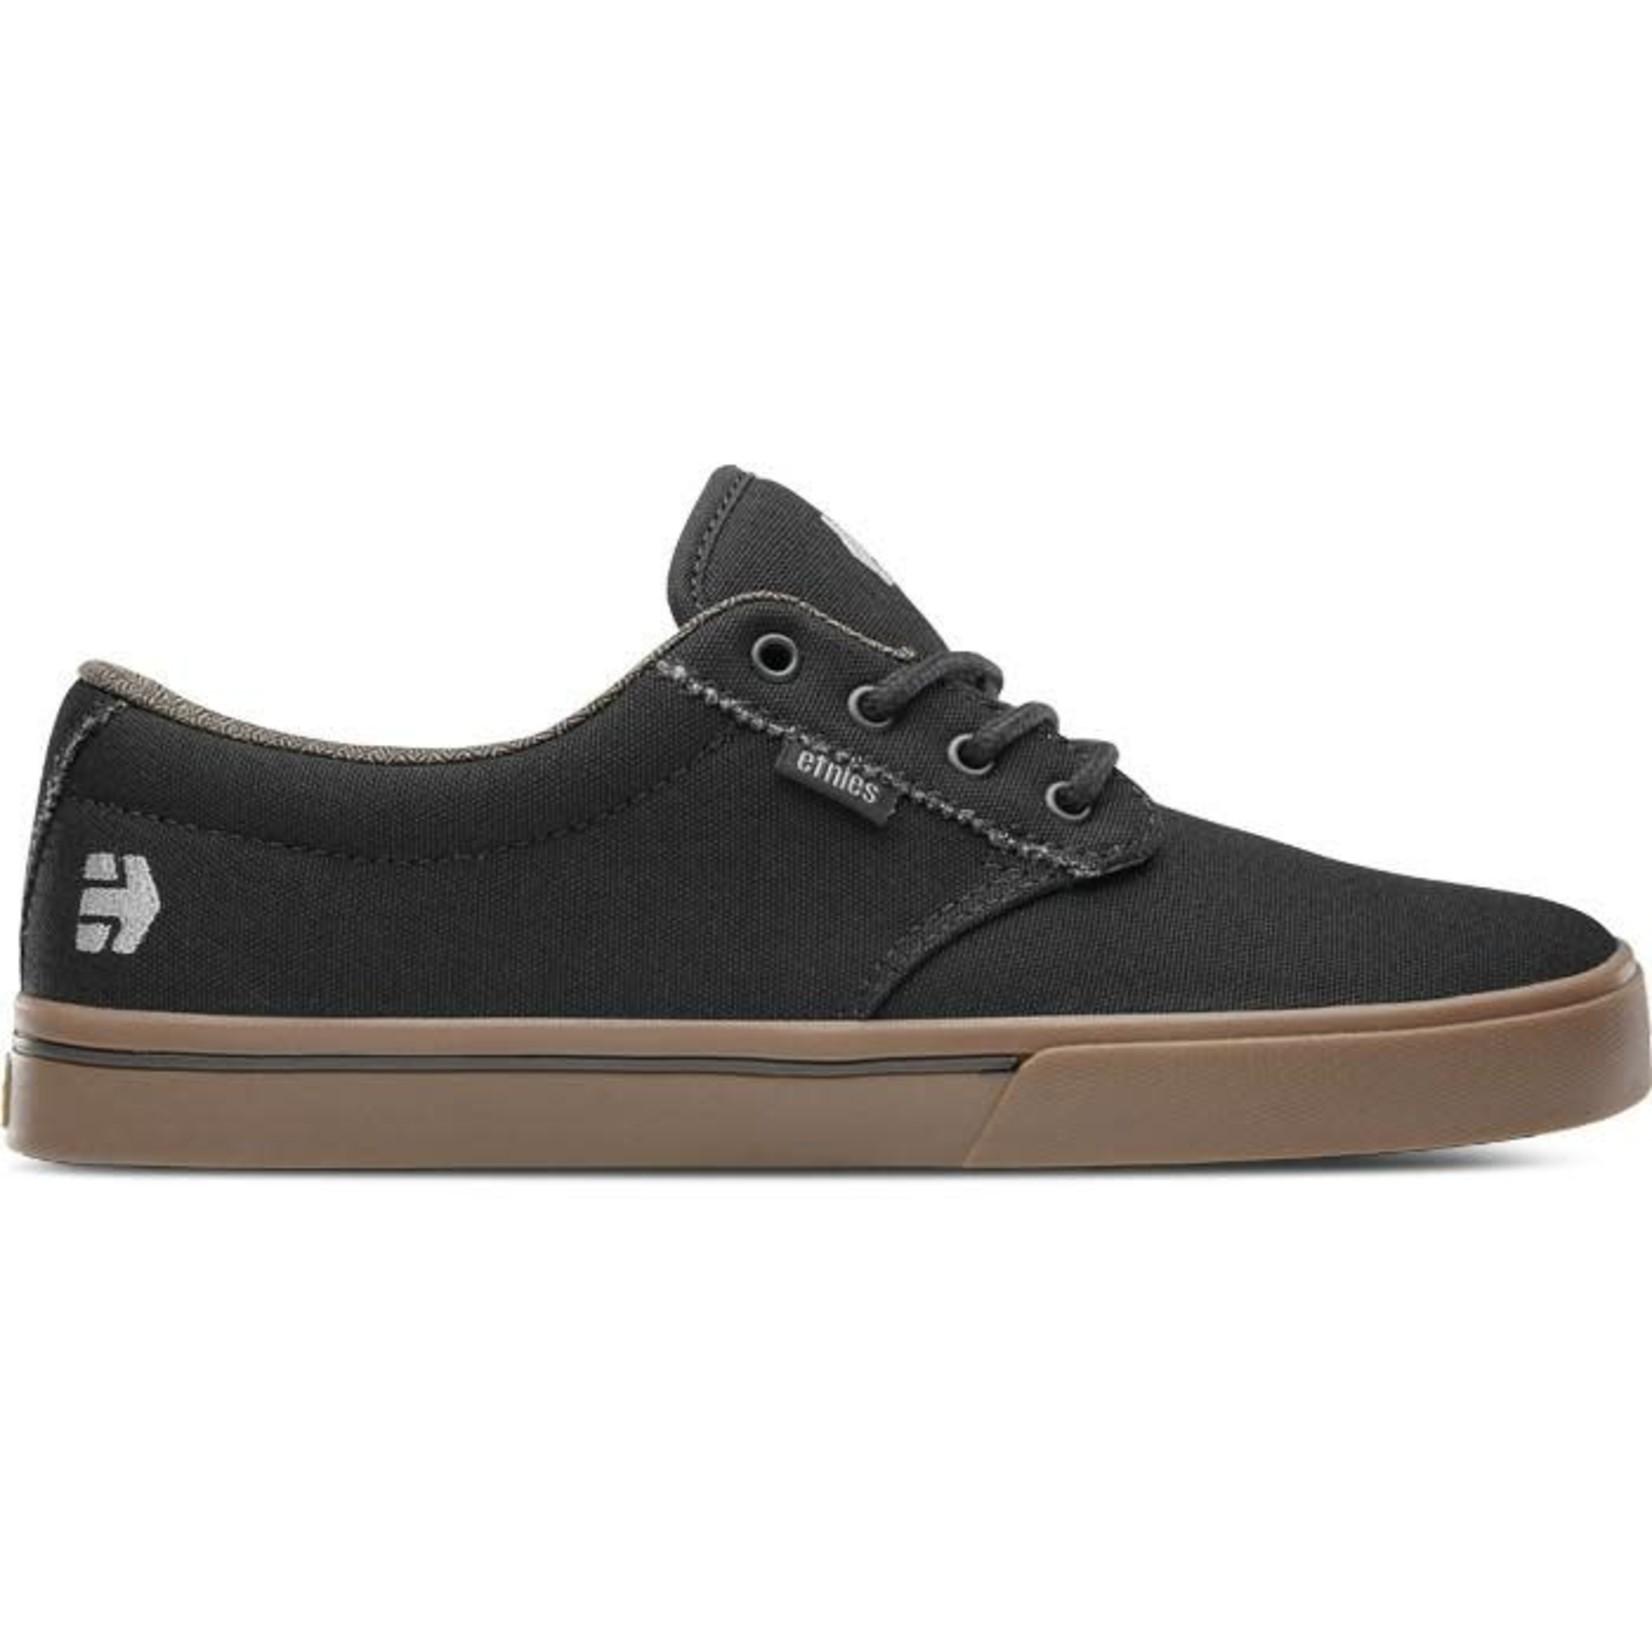 Etnies Etnies Casual Shoes, Jameson 2 Eco, Mens, 558-Blk/Charcoal/Gum